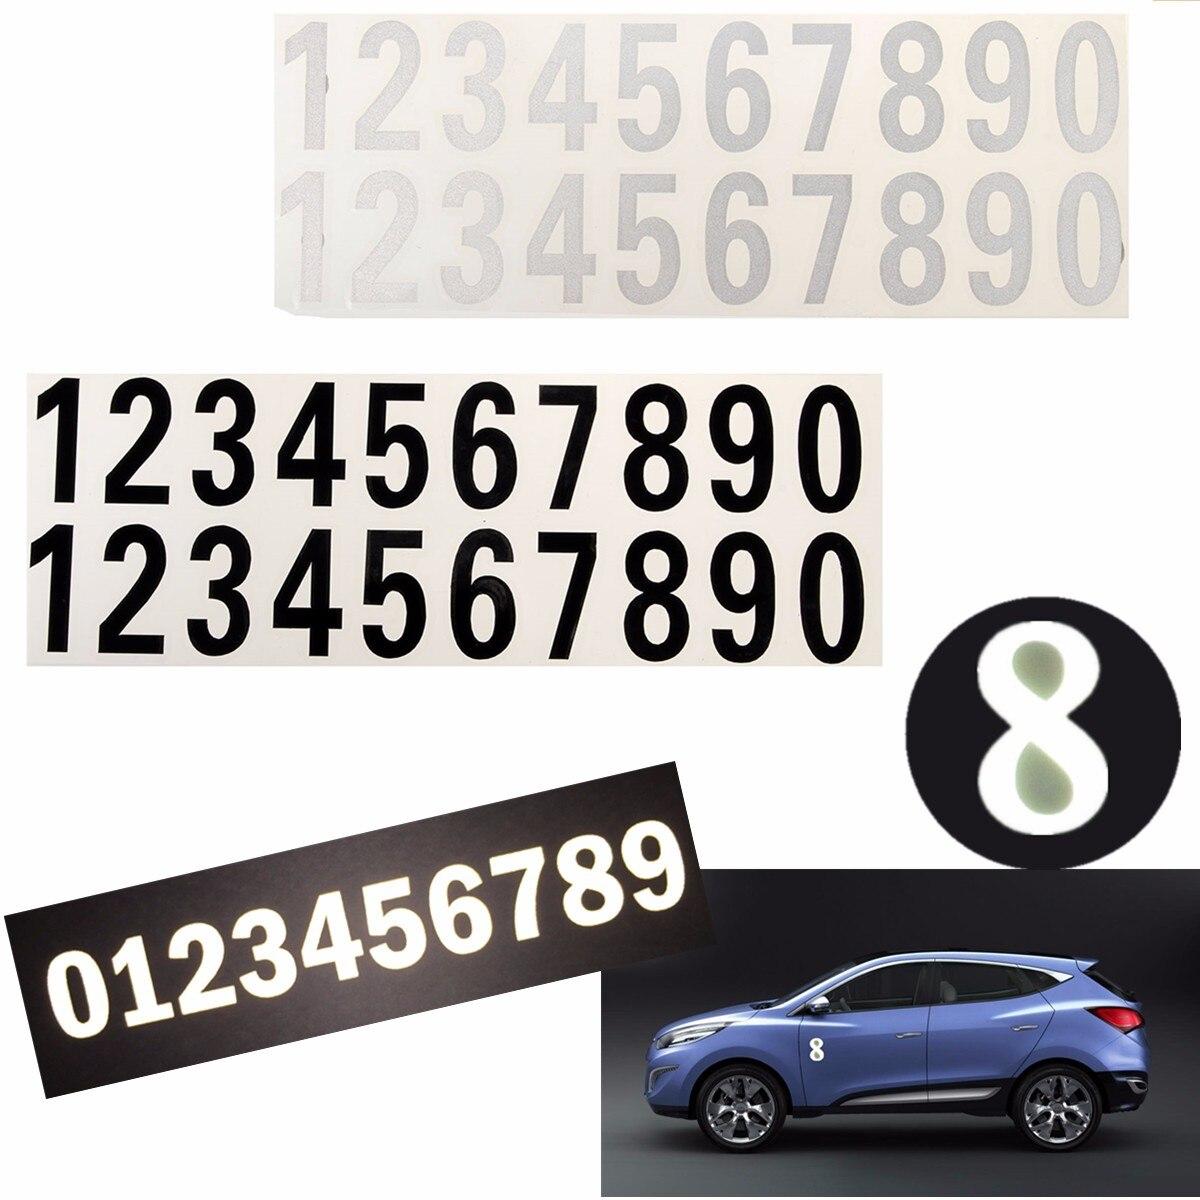 Светоотражающая наклейка с цифрами, наклейка черного и белого цвета с номером почтового ящика, для дверей дома, улицы